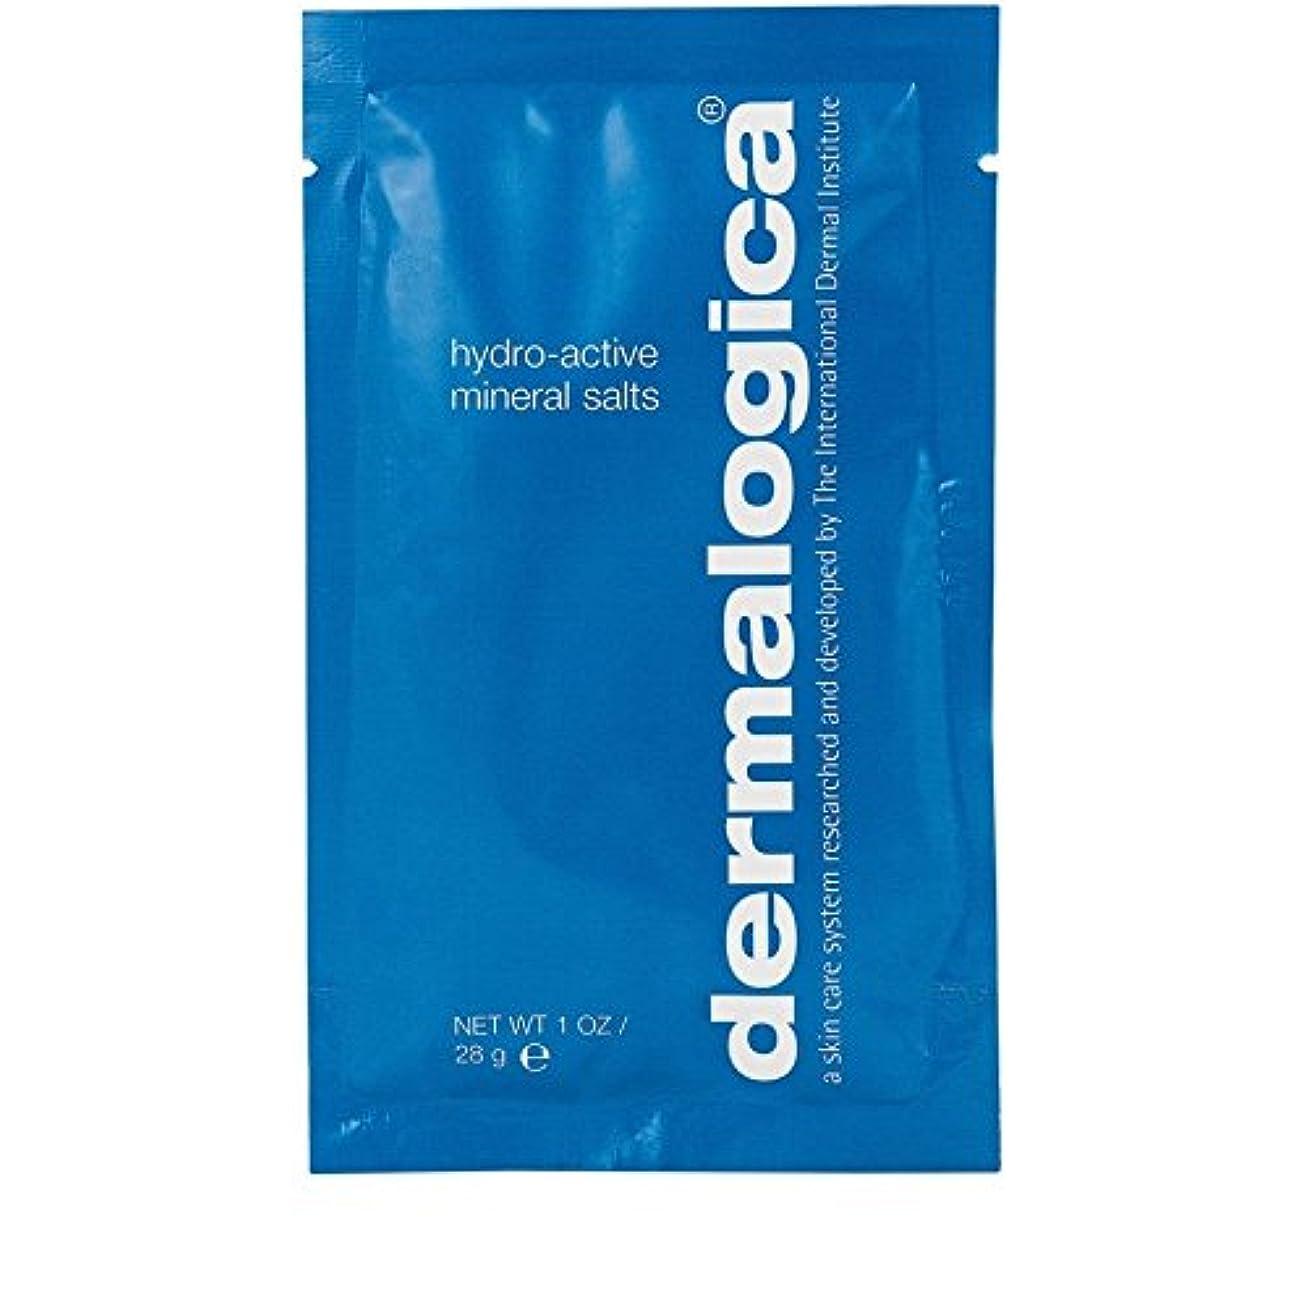 成長する高原スパークダーマロジカ水力アクティブミネラル塩28グラム x2 - Dermalogica Hydro Active Mineral Salt 28g (Pack of 2) [並行輸入品]